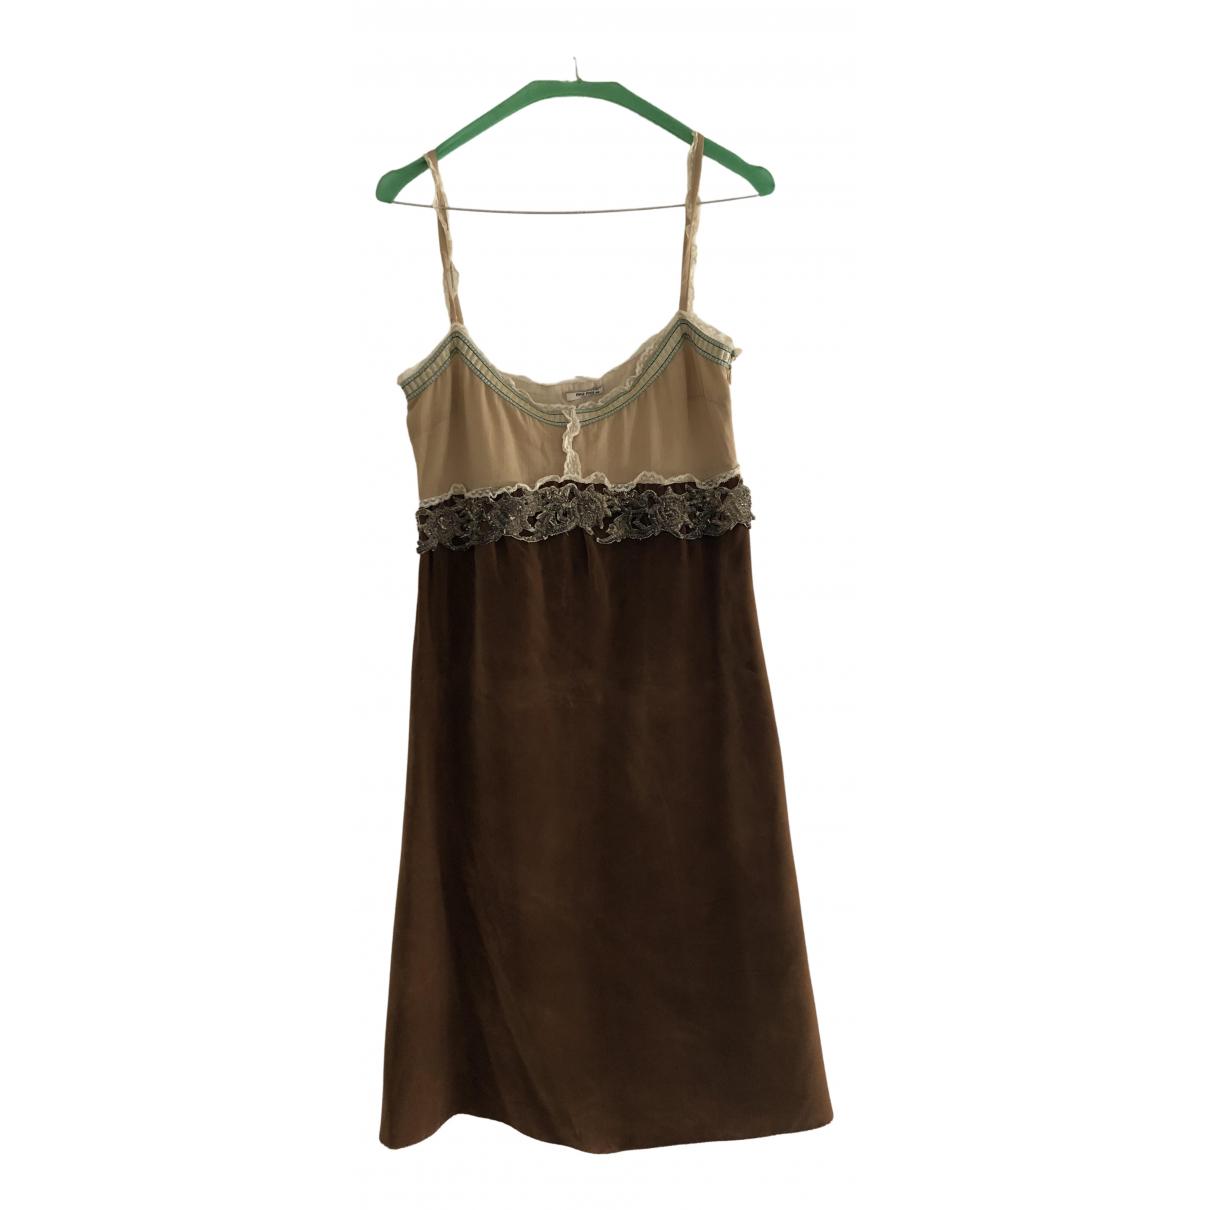 Miu Miu \N Kleid in  Braun Wolle